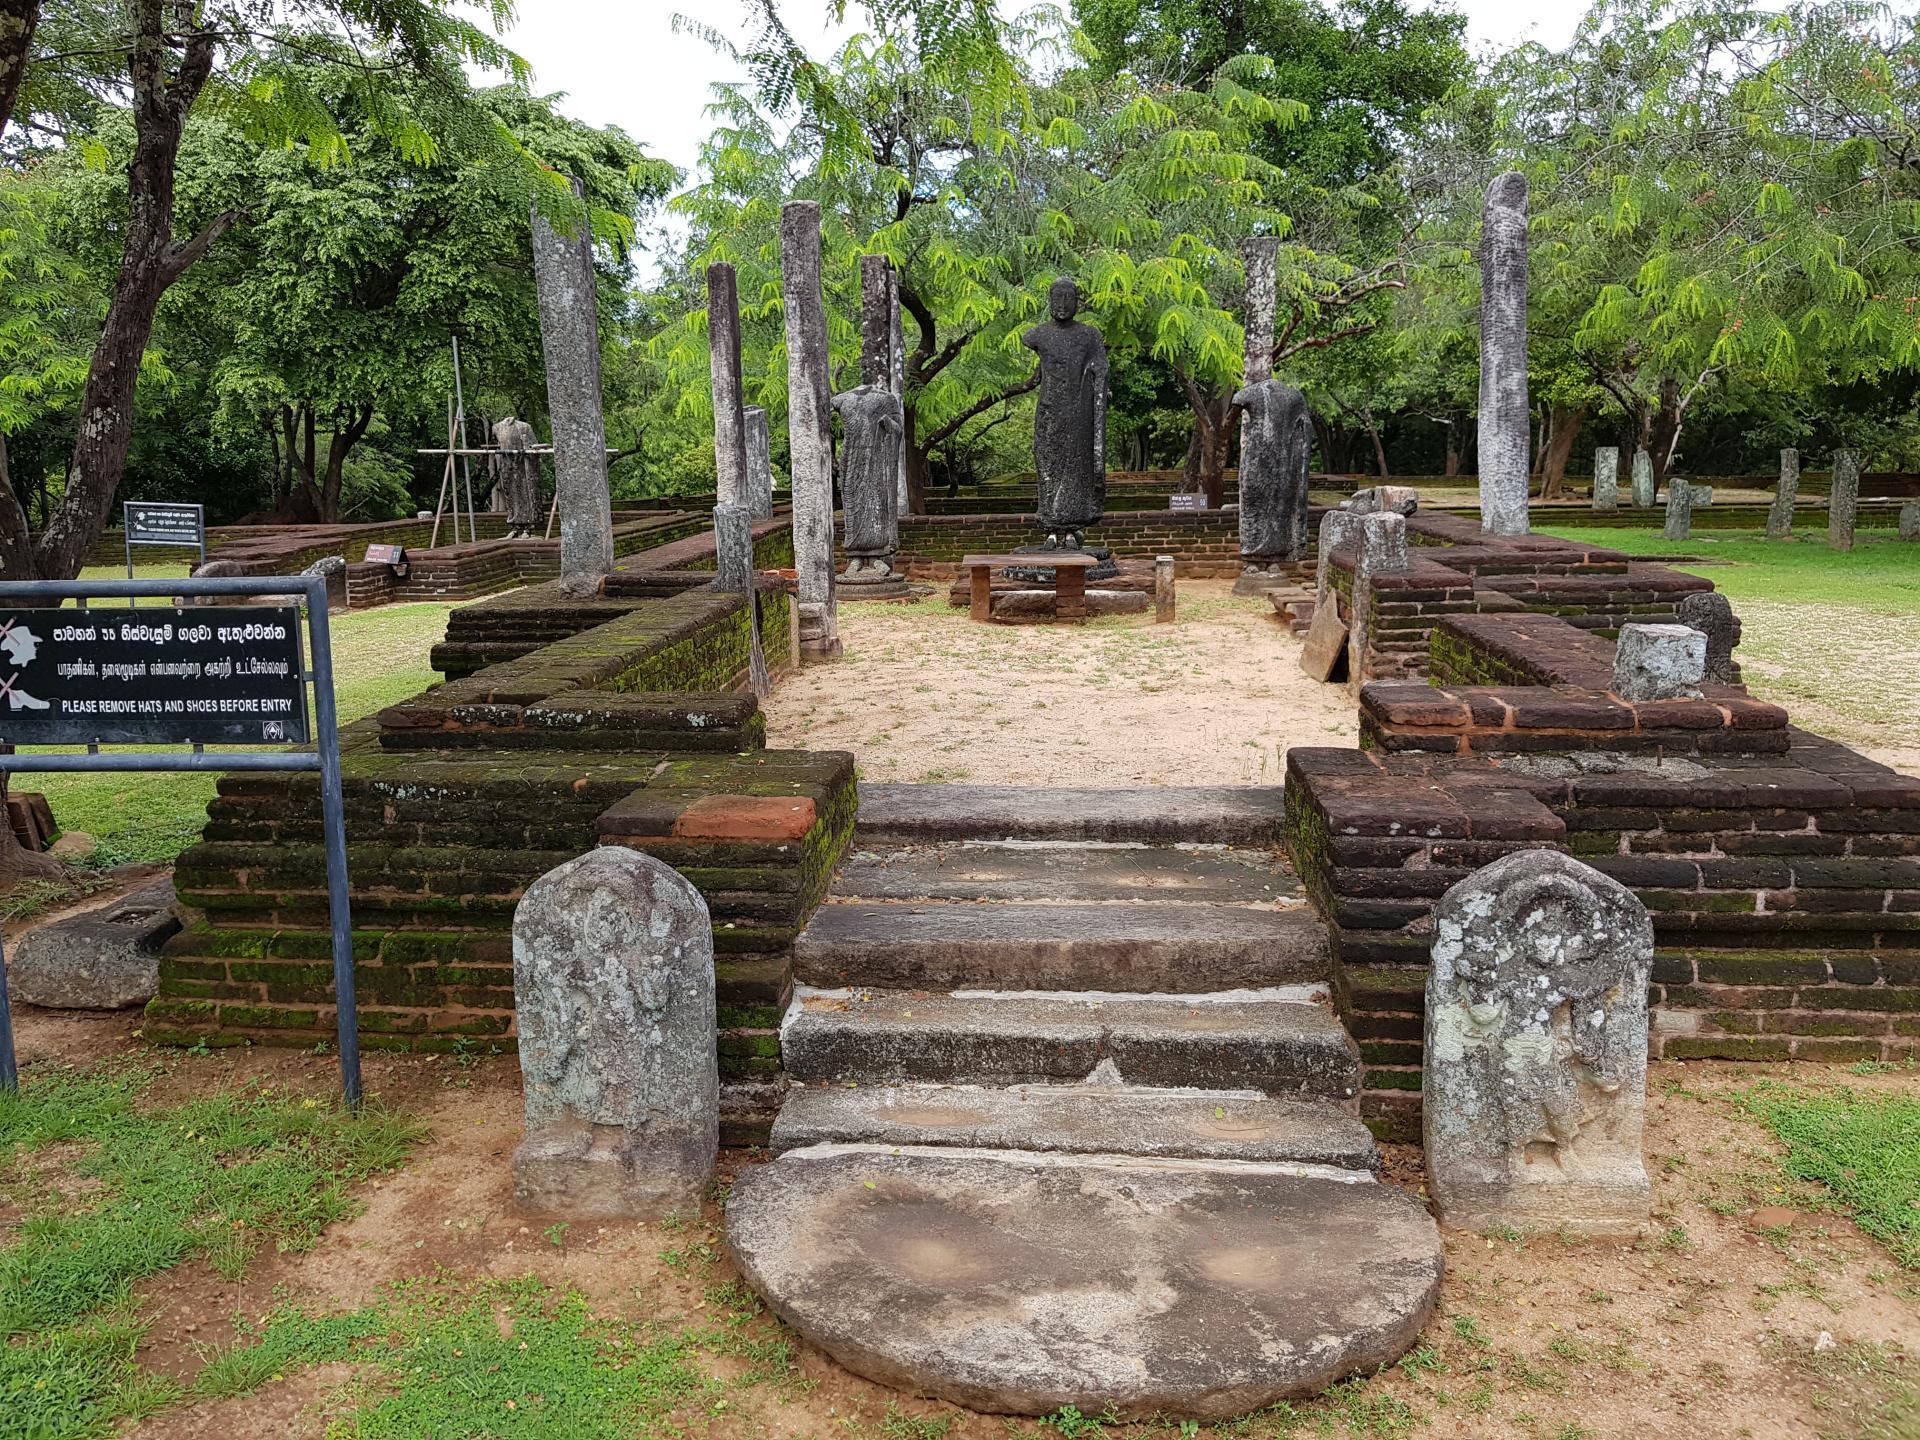 Руины древнего храма в Полоннаруве на Шри-Ланке.